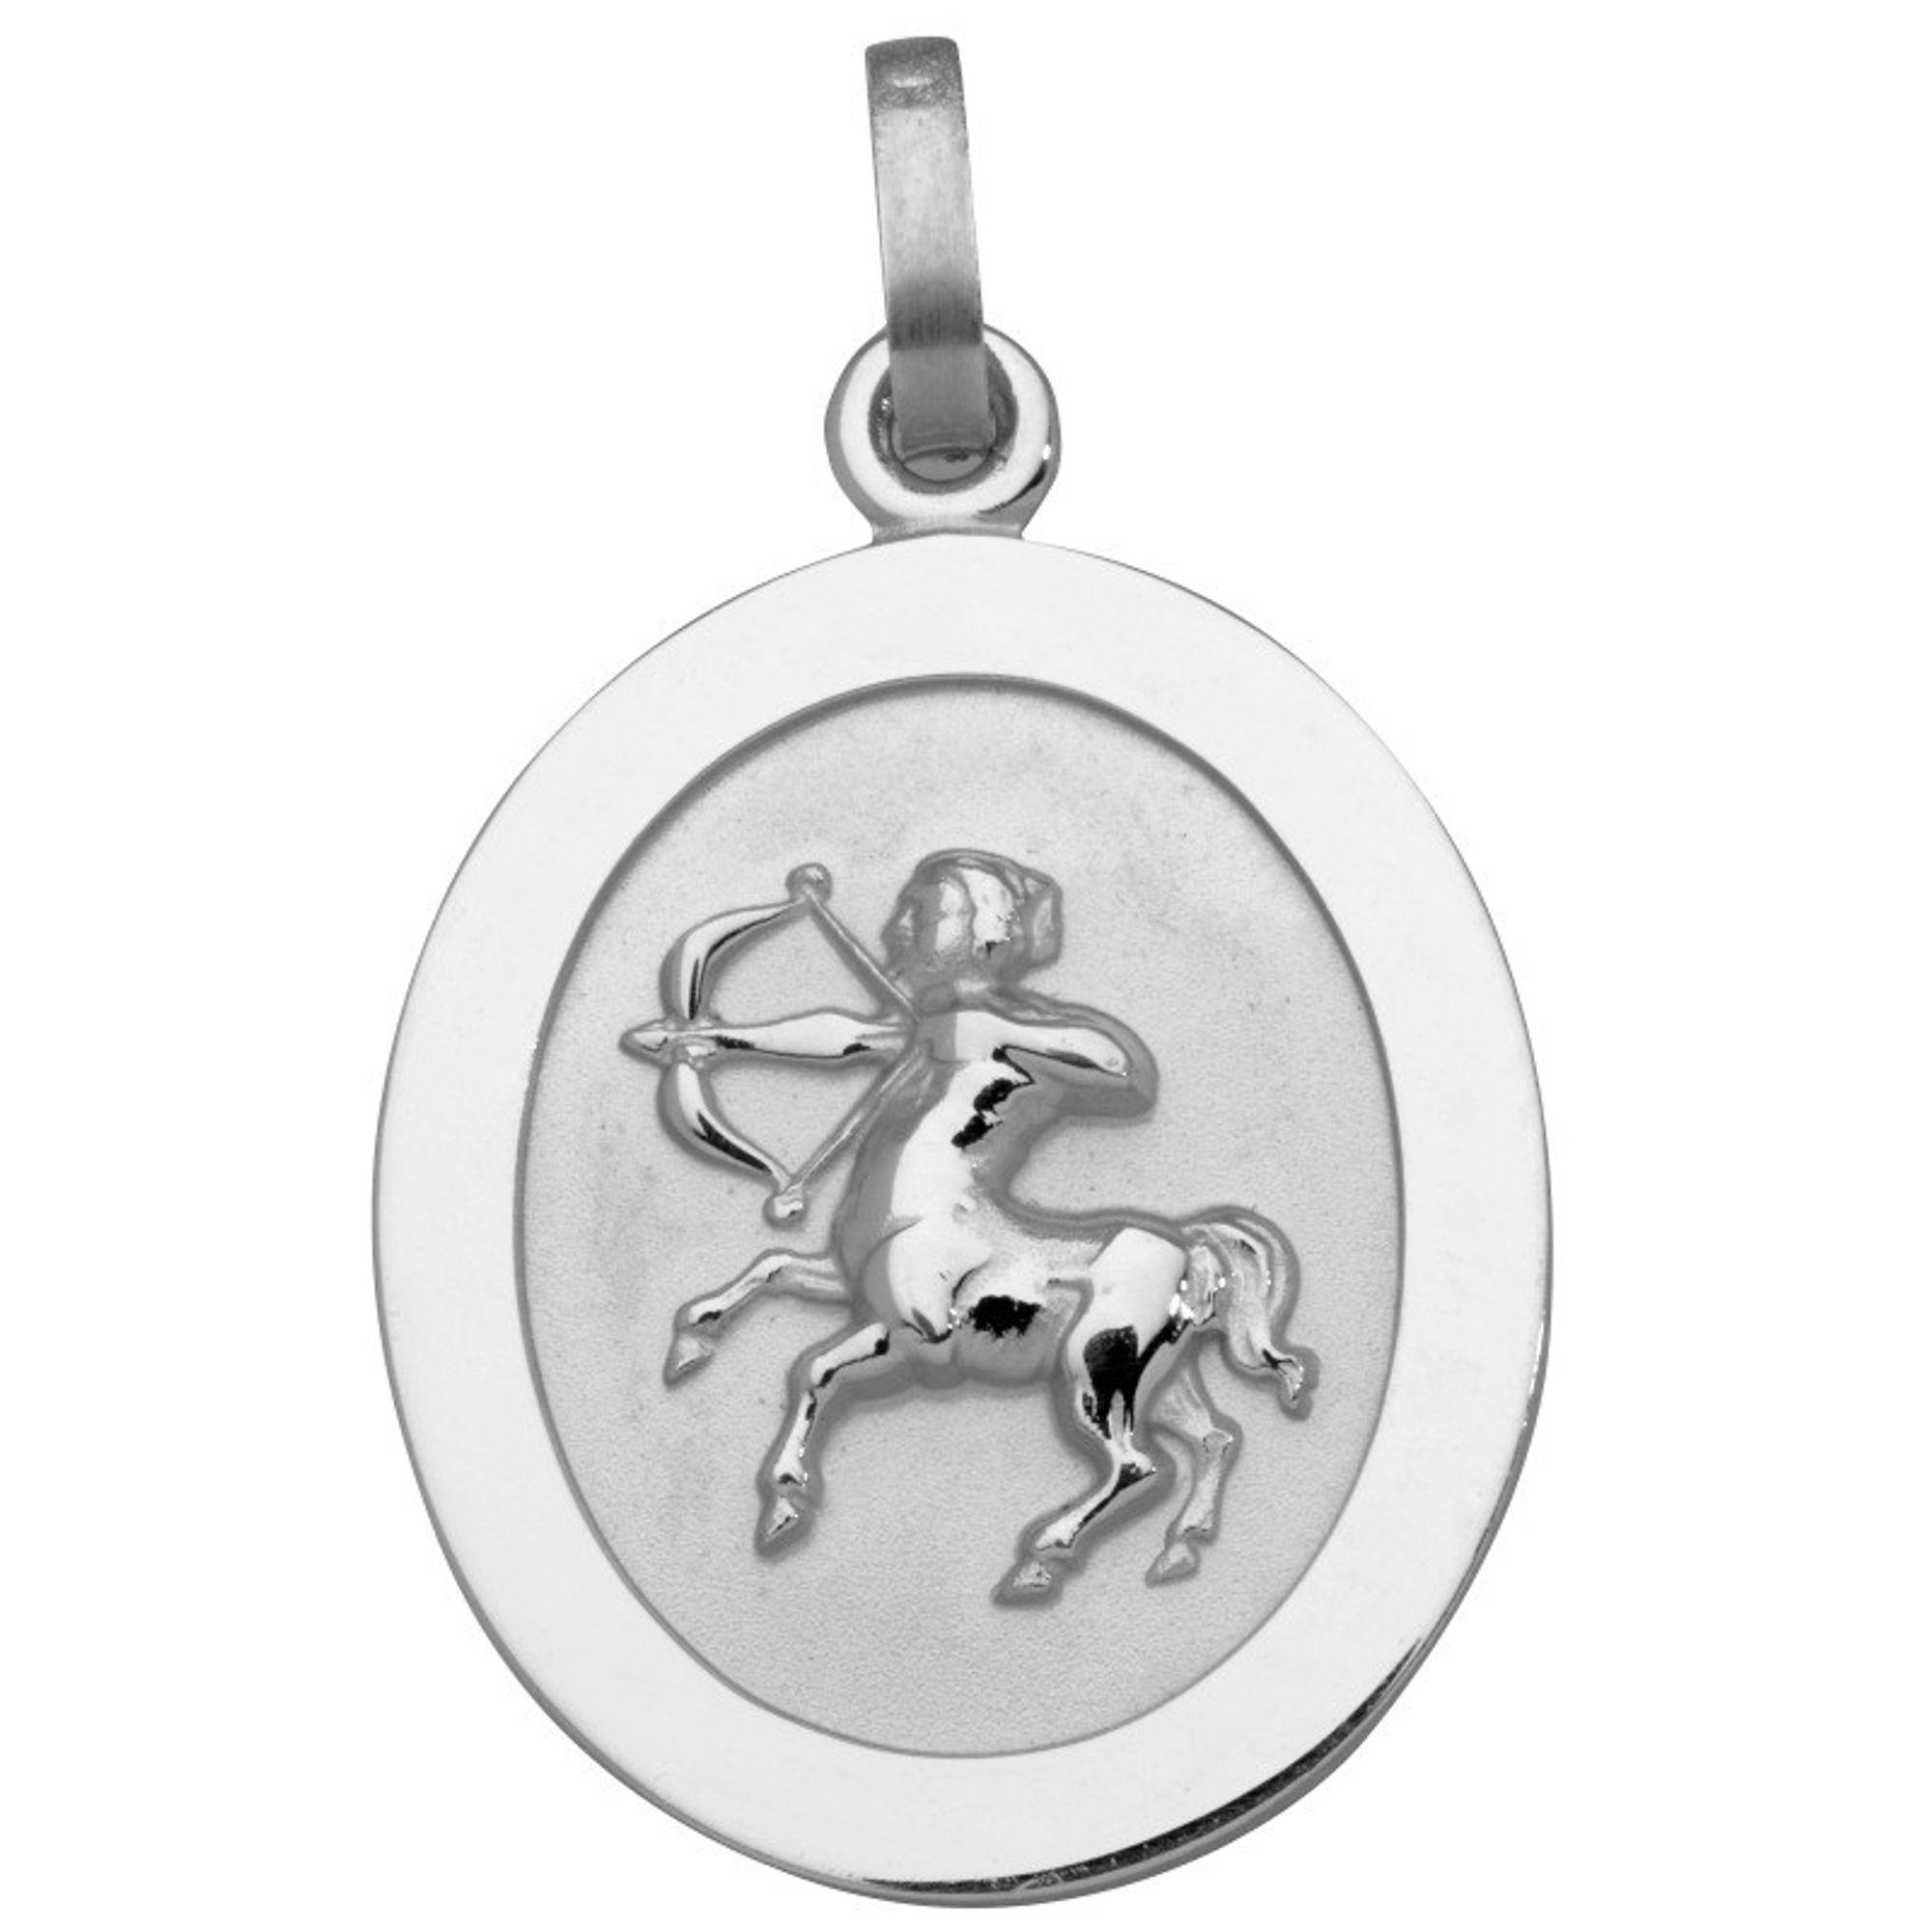 Basic Silber SZ112 Herren Anhänger Sternzeichen Schütze Silber